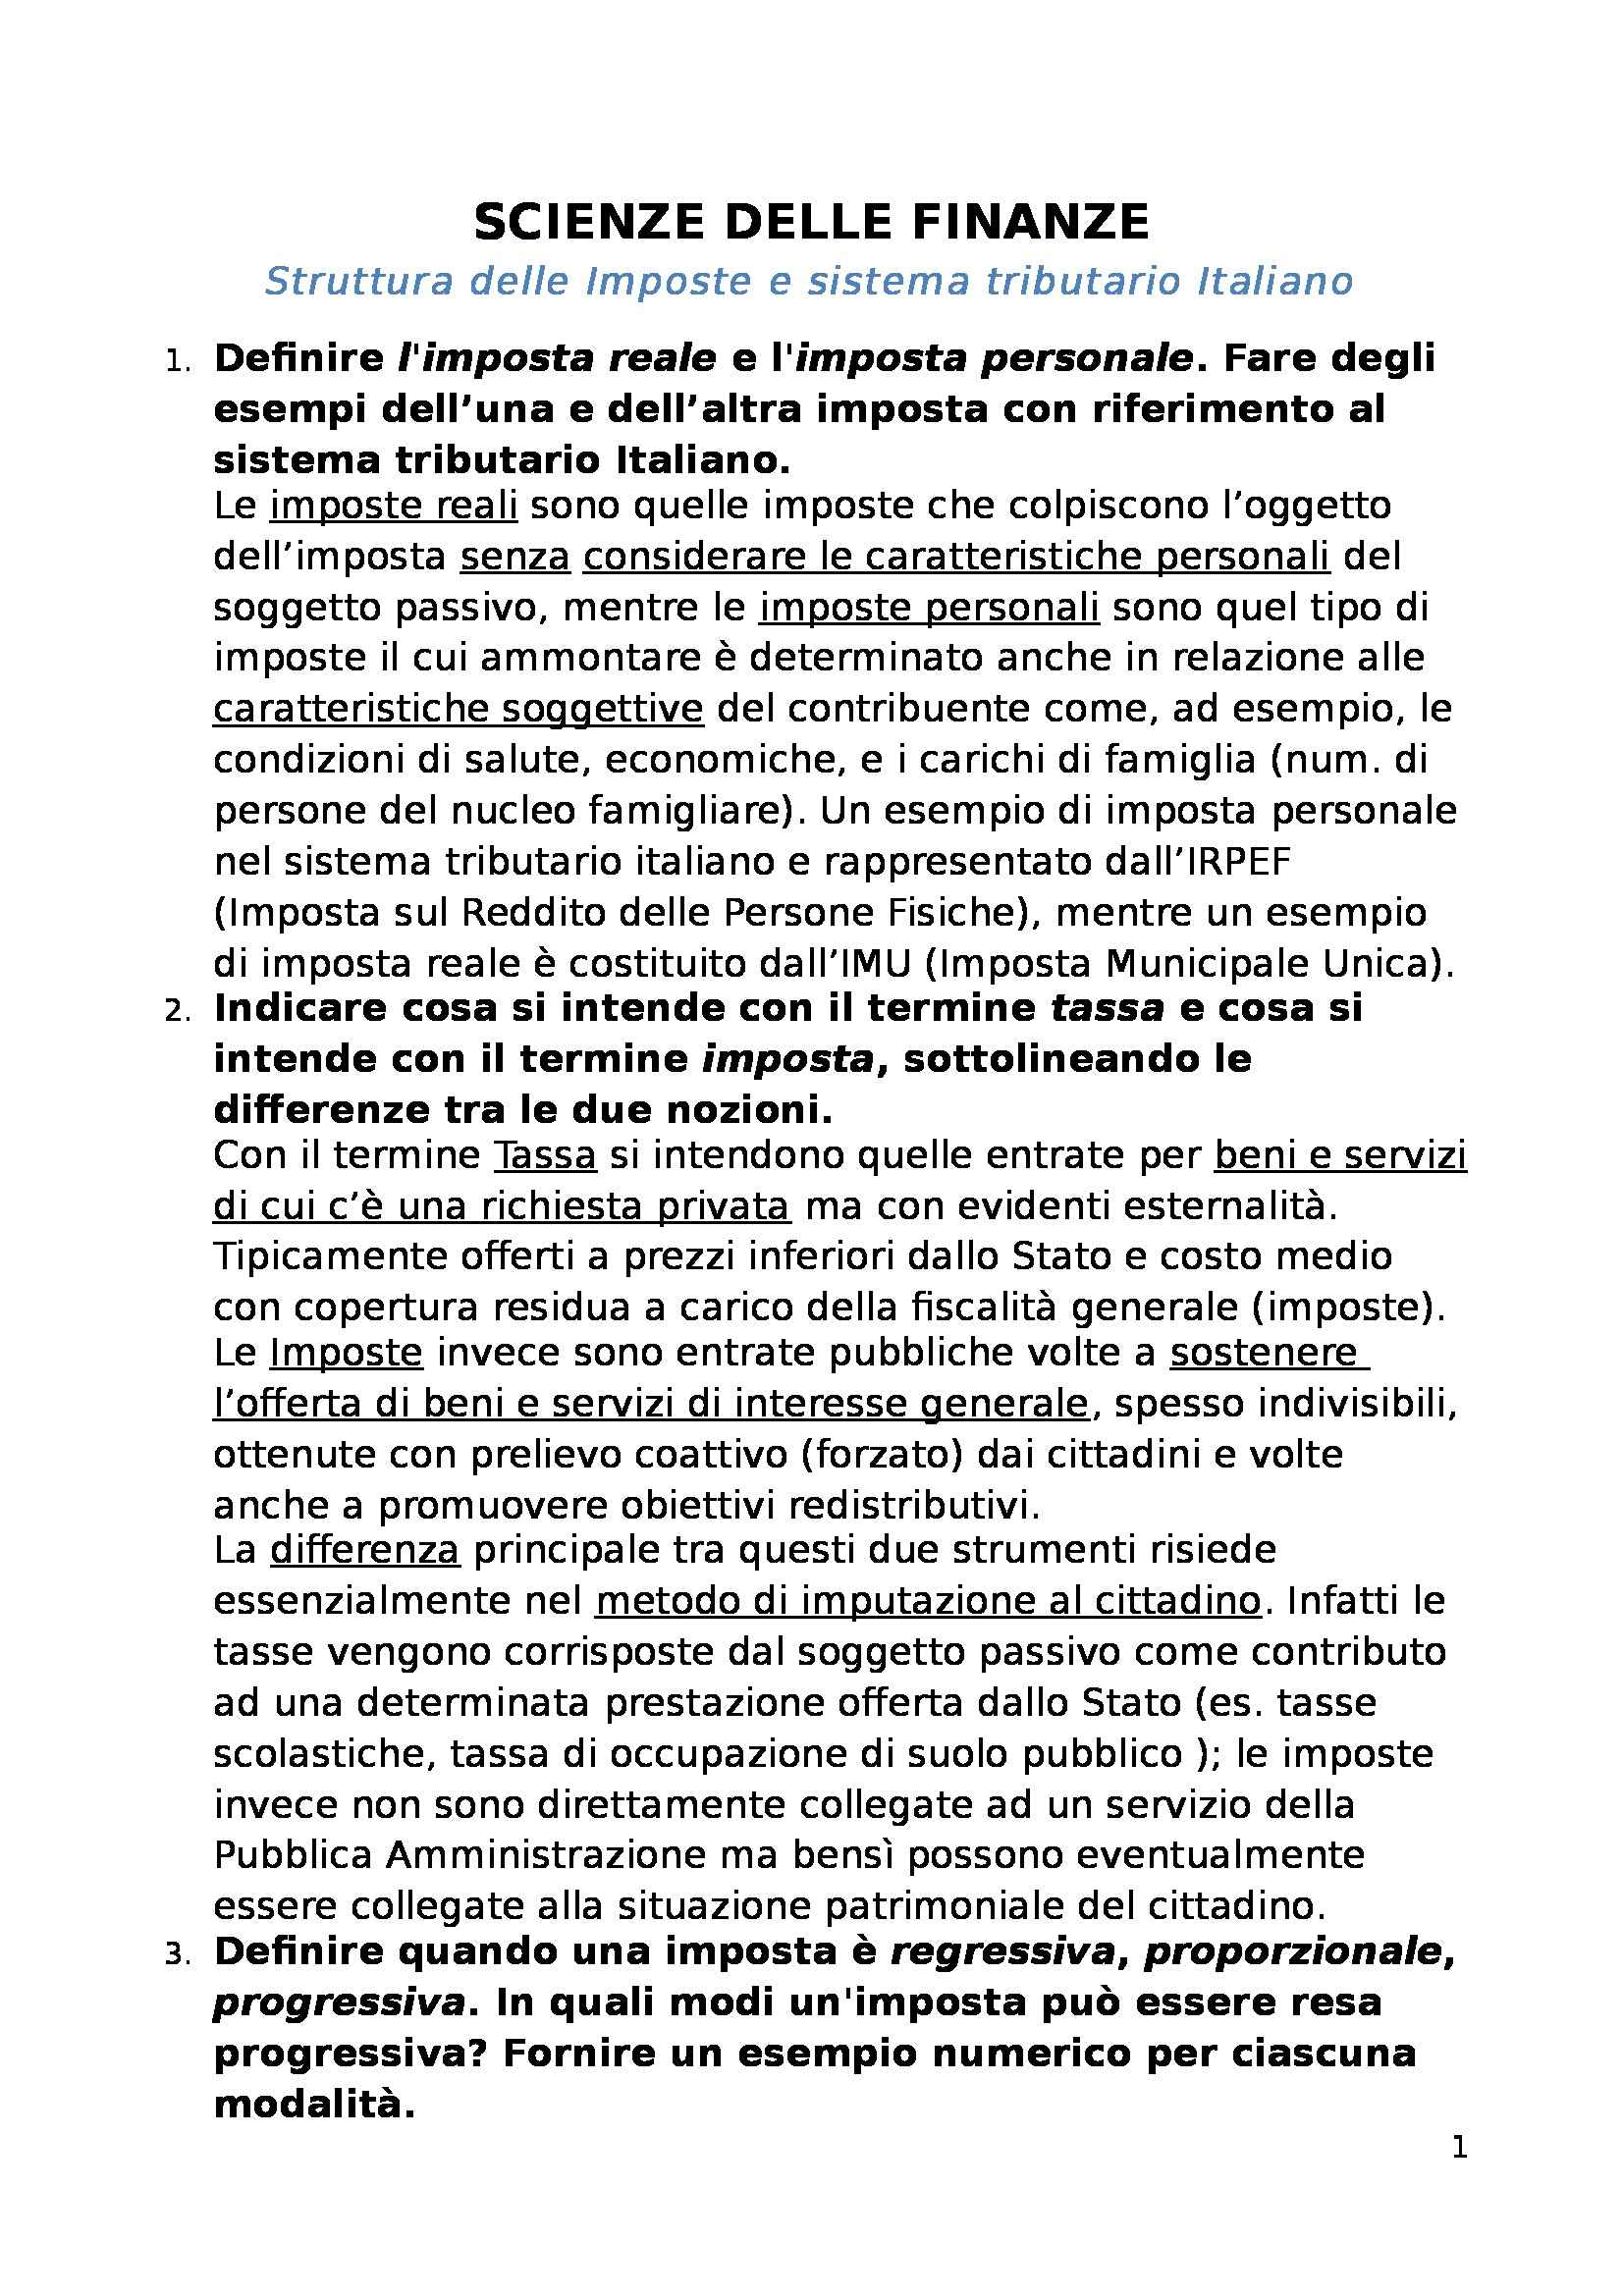 Scienze delle finanze - Struttura delle imposte e Sistema tributario Italiano